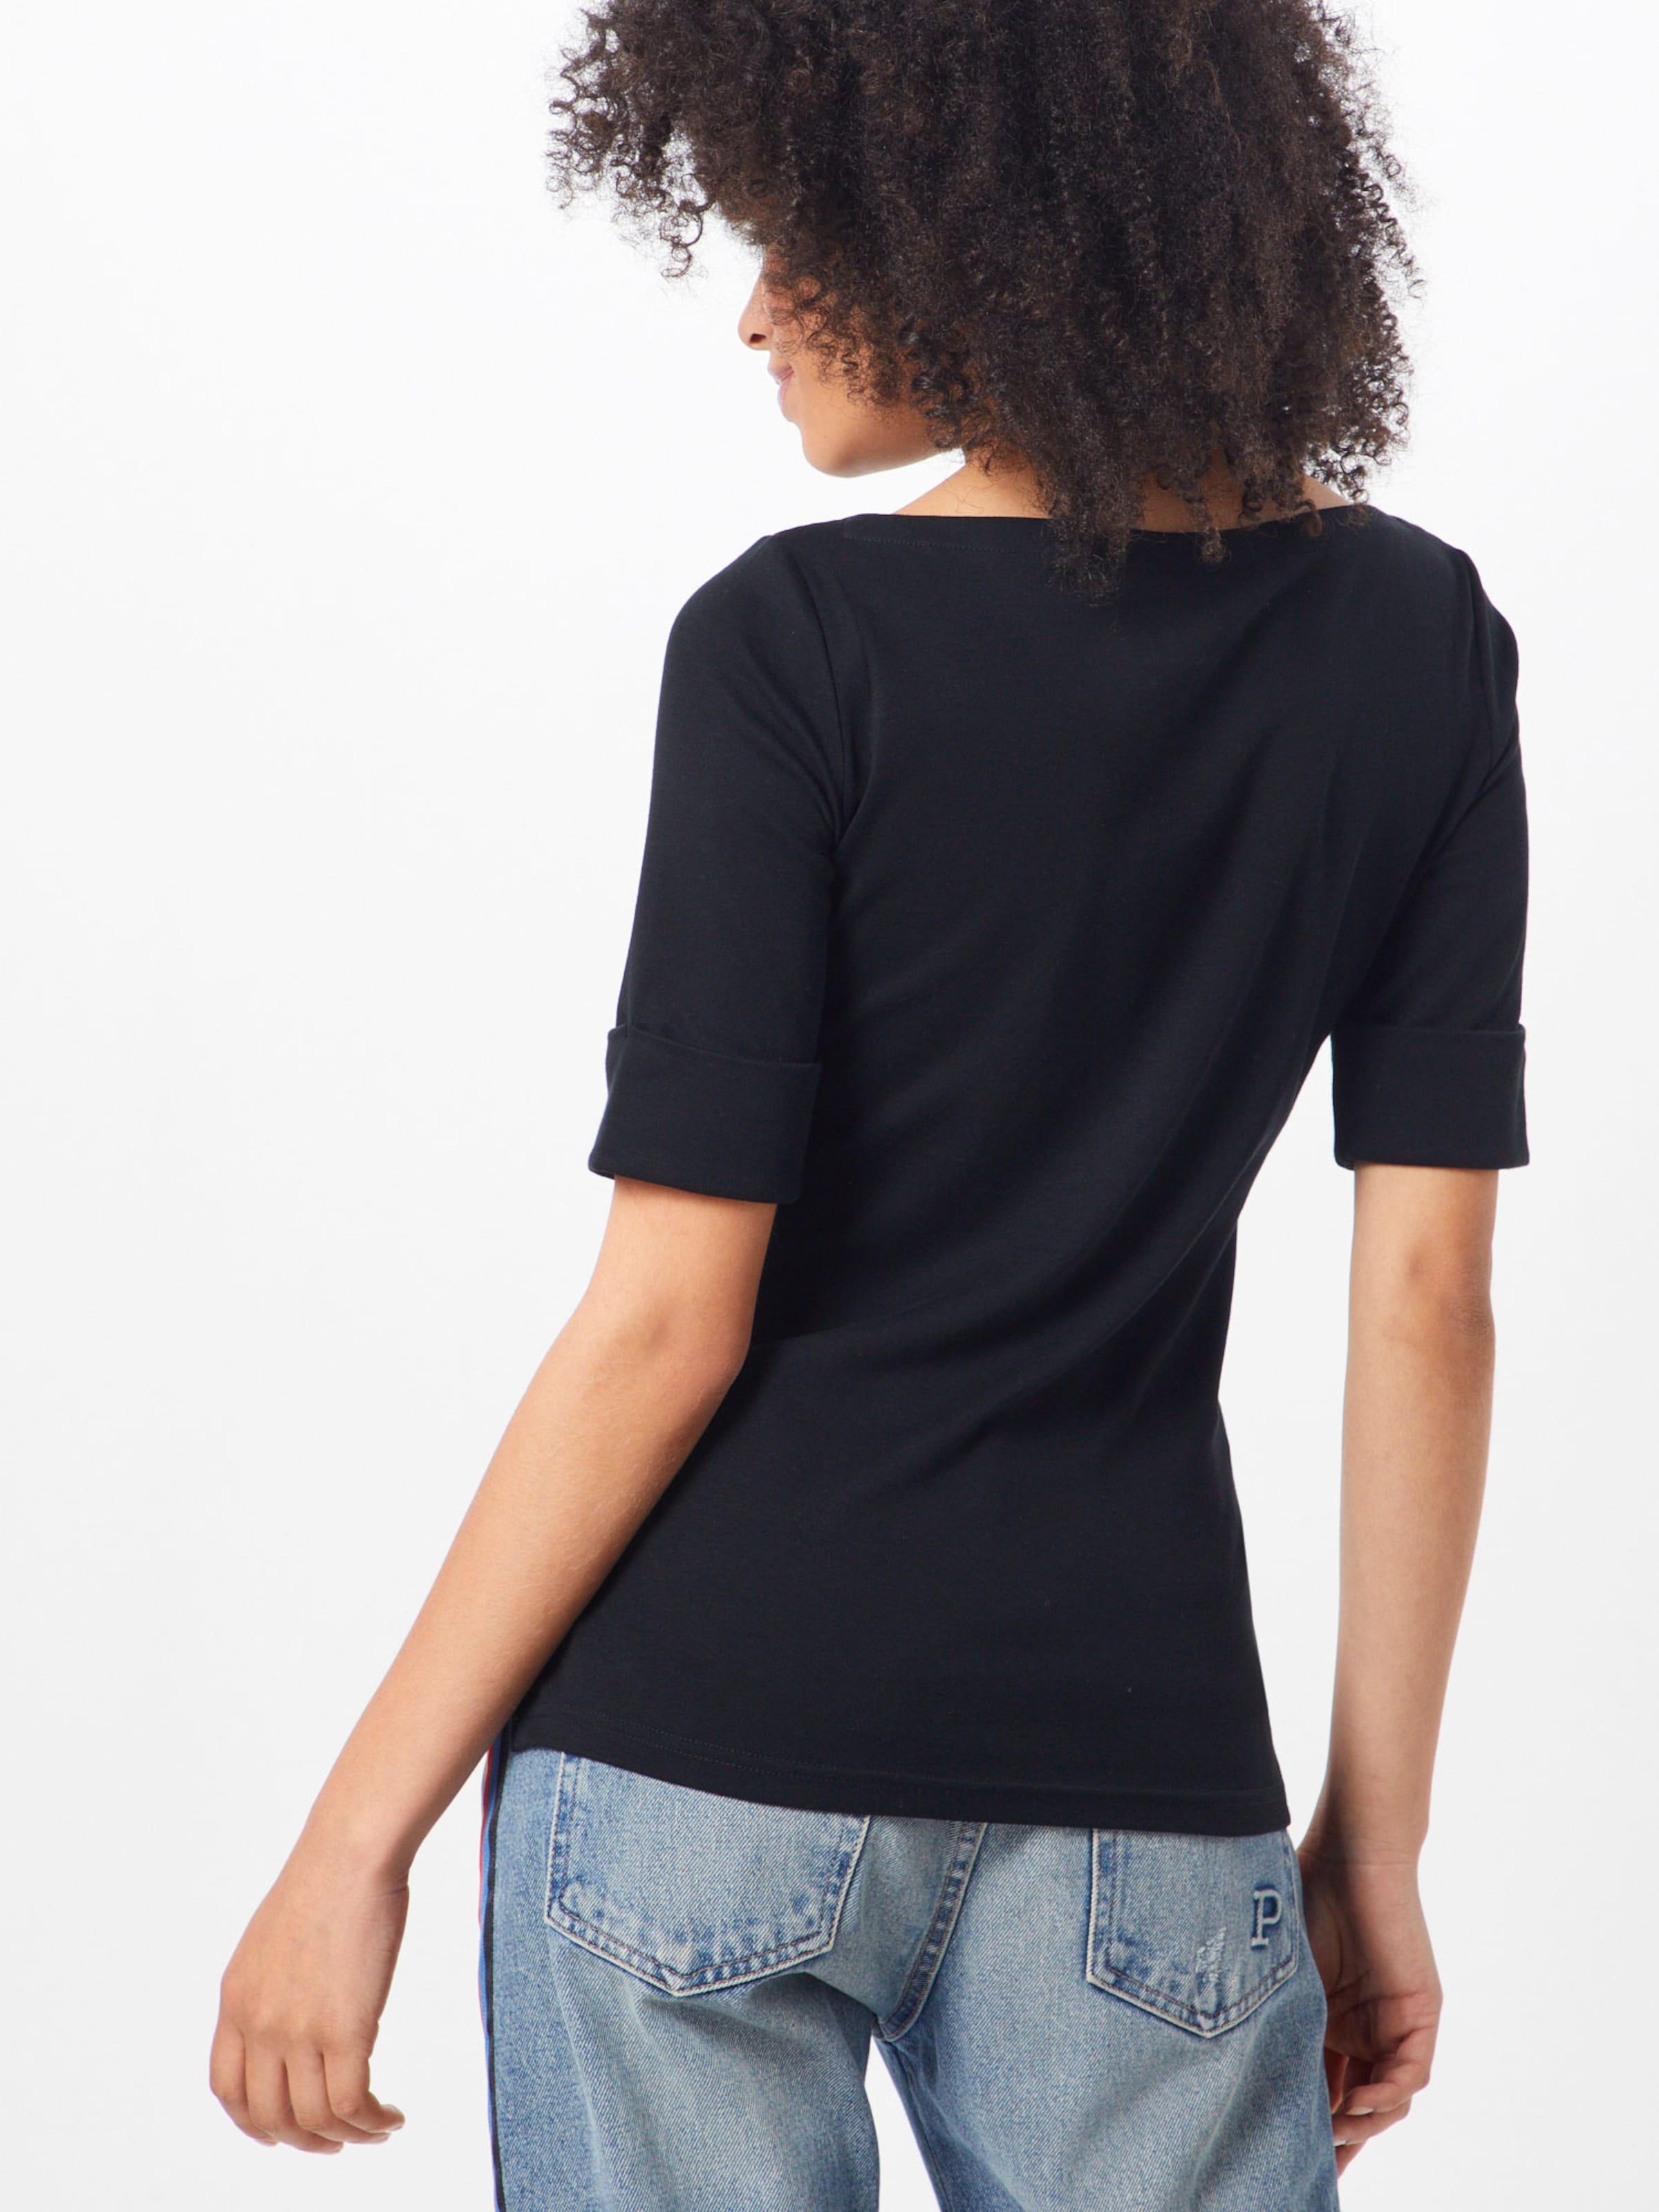 En NoirBlanc T 'judy' Lauren Ralph shirt 8nwPk0XNO